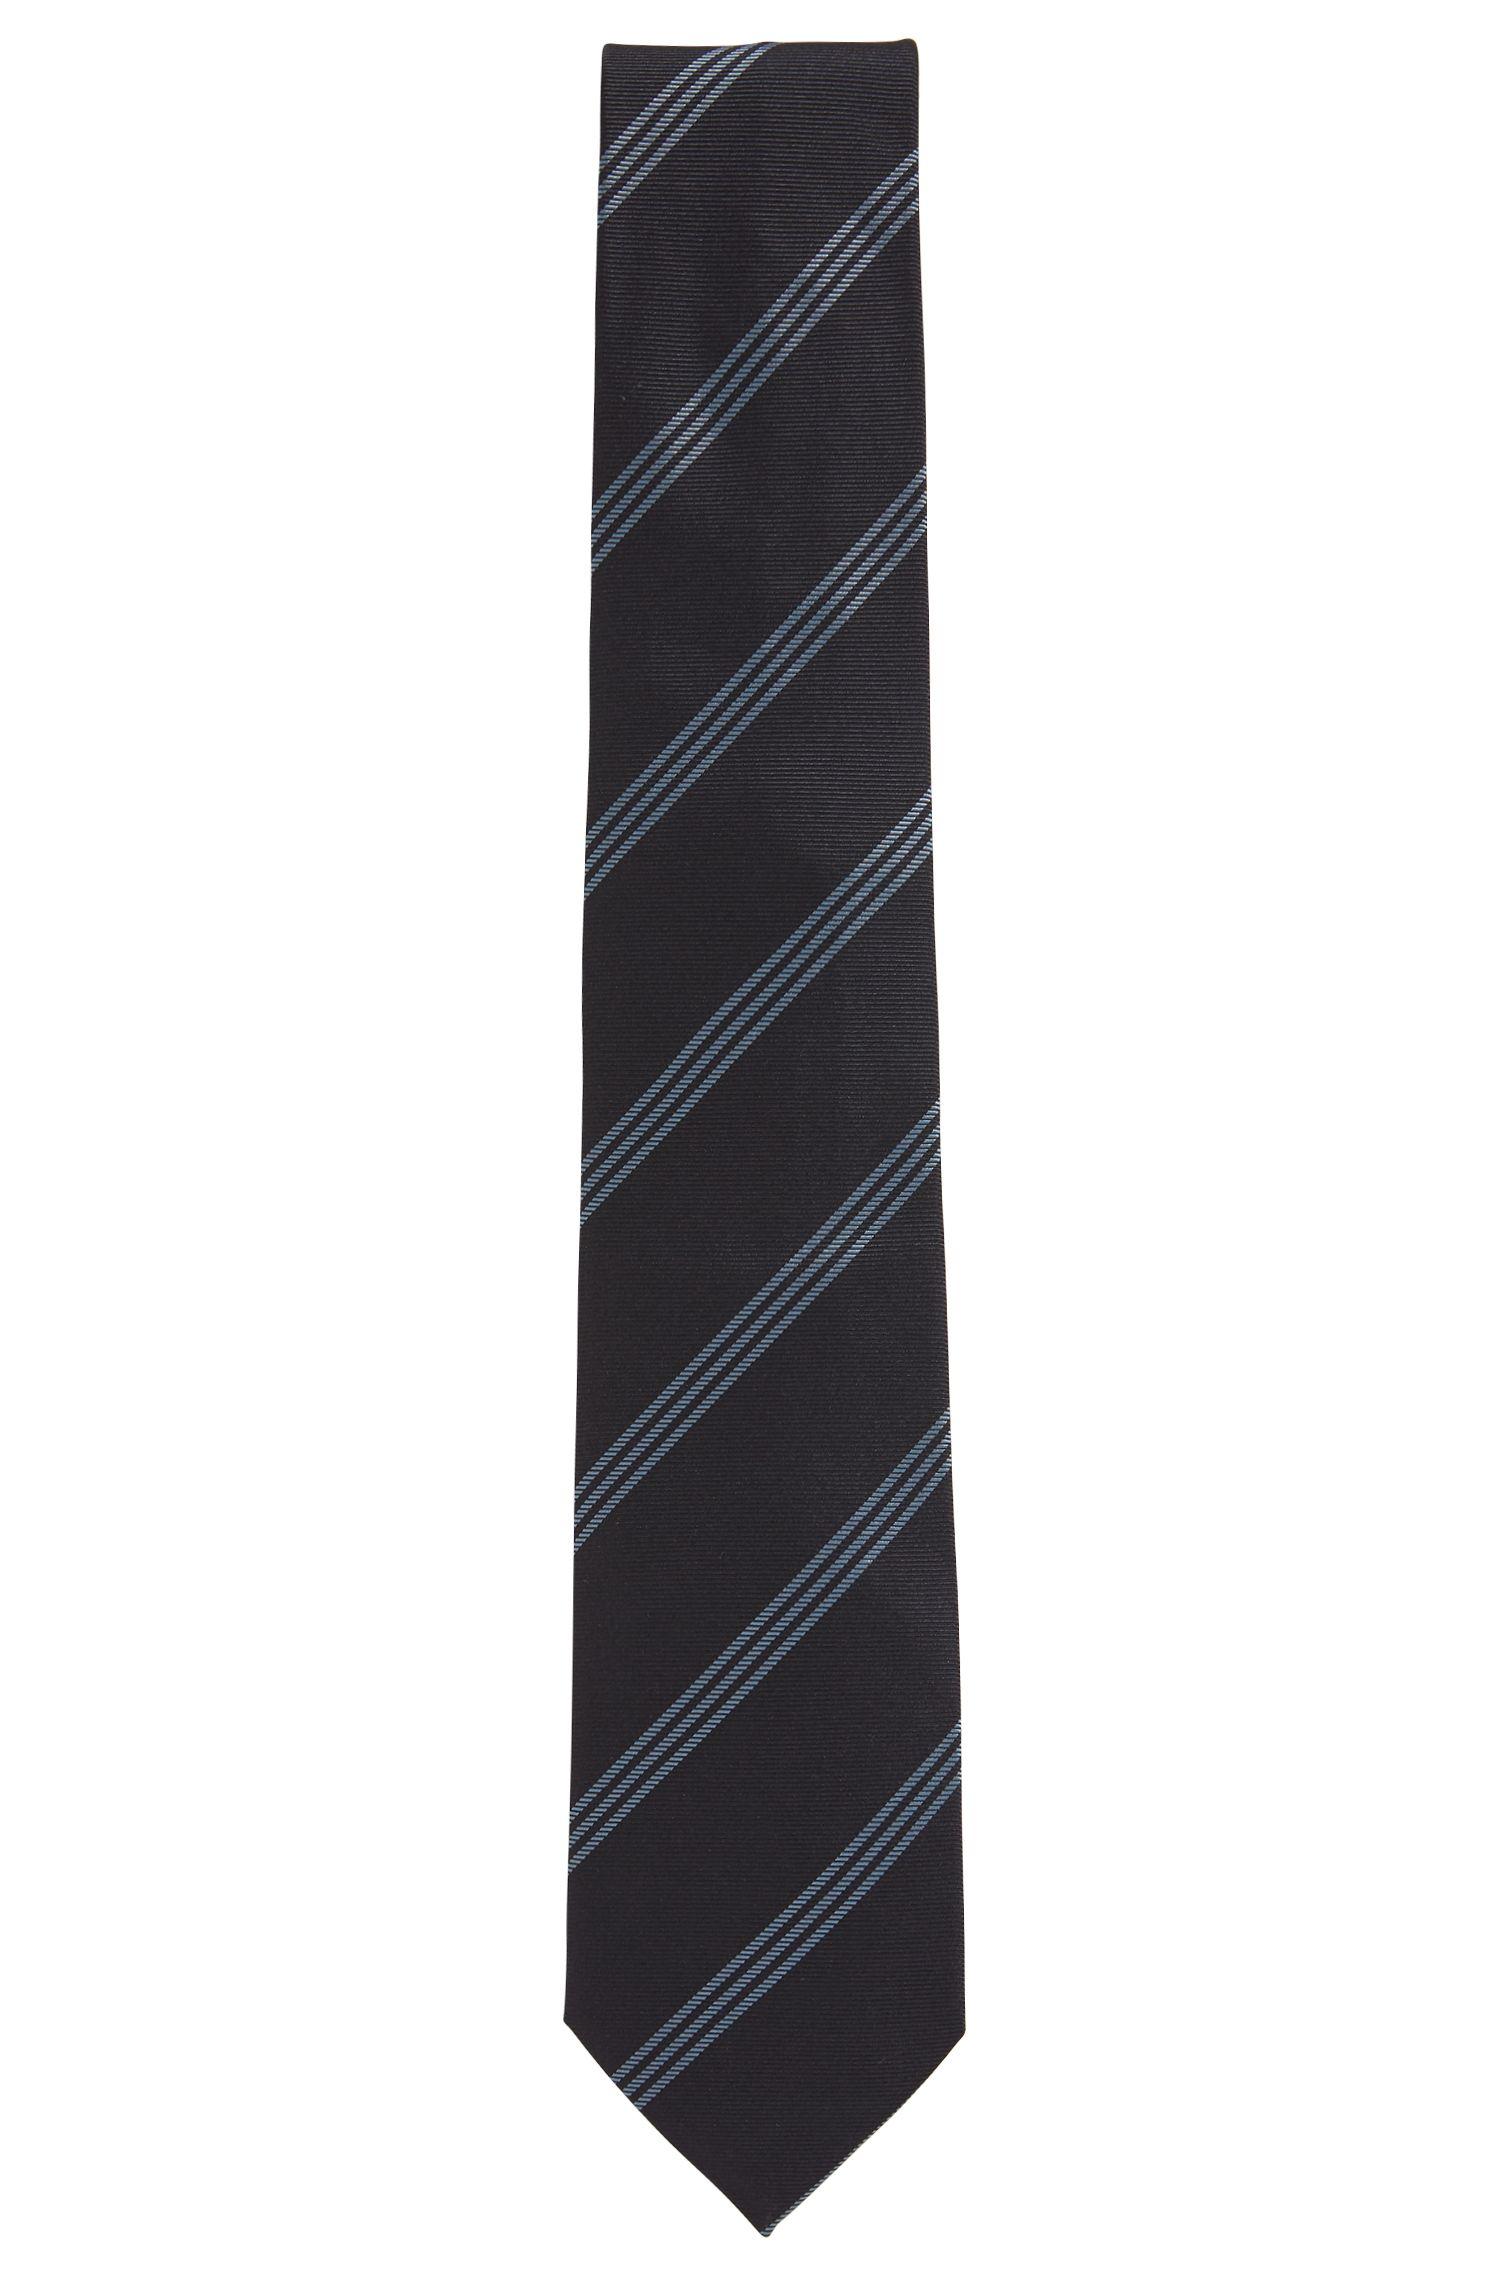 In Italien gefertigte Seidenkrawatte mit diagonalen Streifen, Gemustert